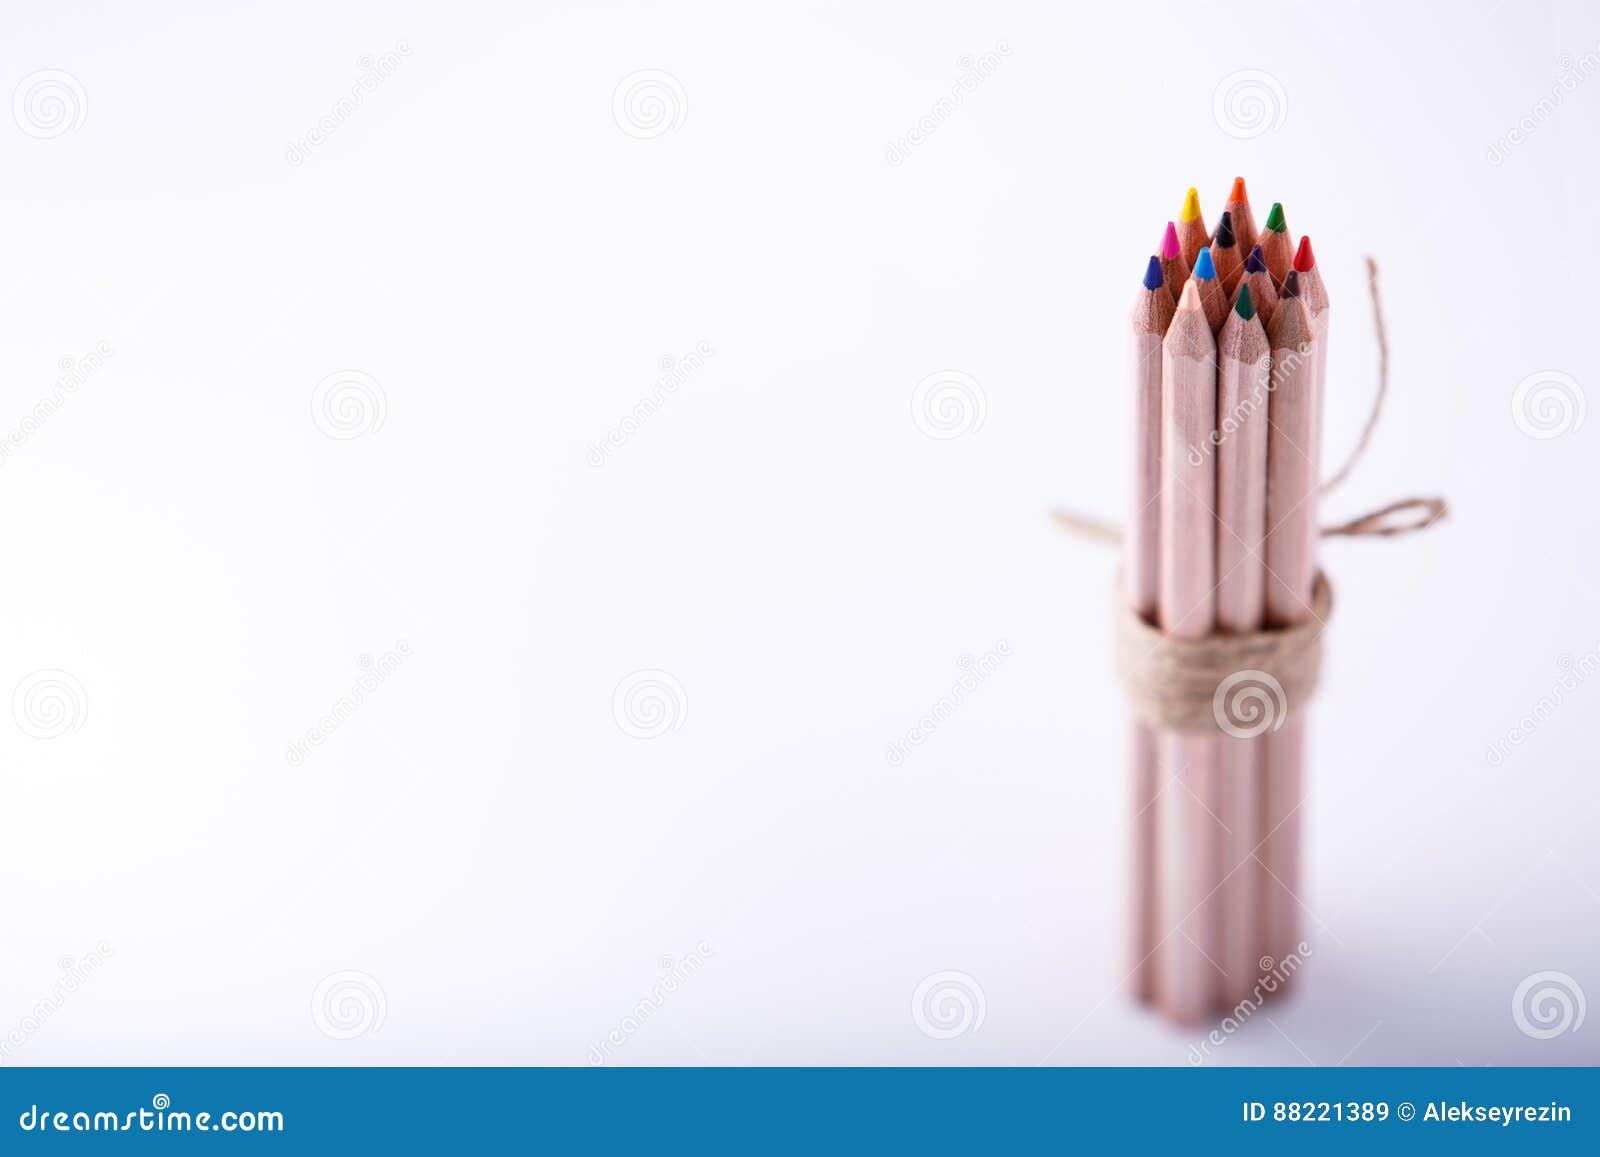 Lier Du Crayon De Couleur Au Stand Decoratif De Corde De Chanvre Sur Le Fond Clair Image Stock Image Du Corde Fond 88221389